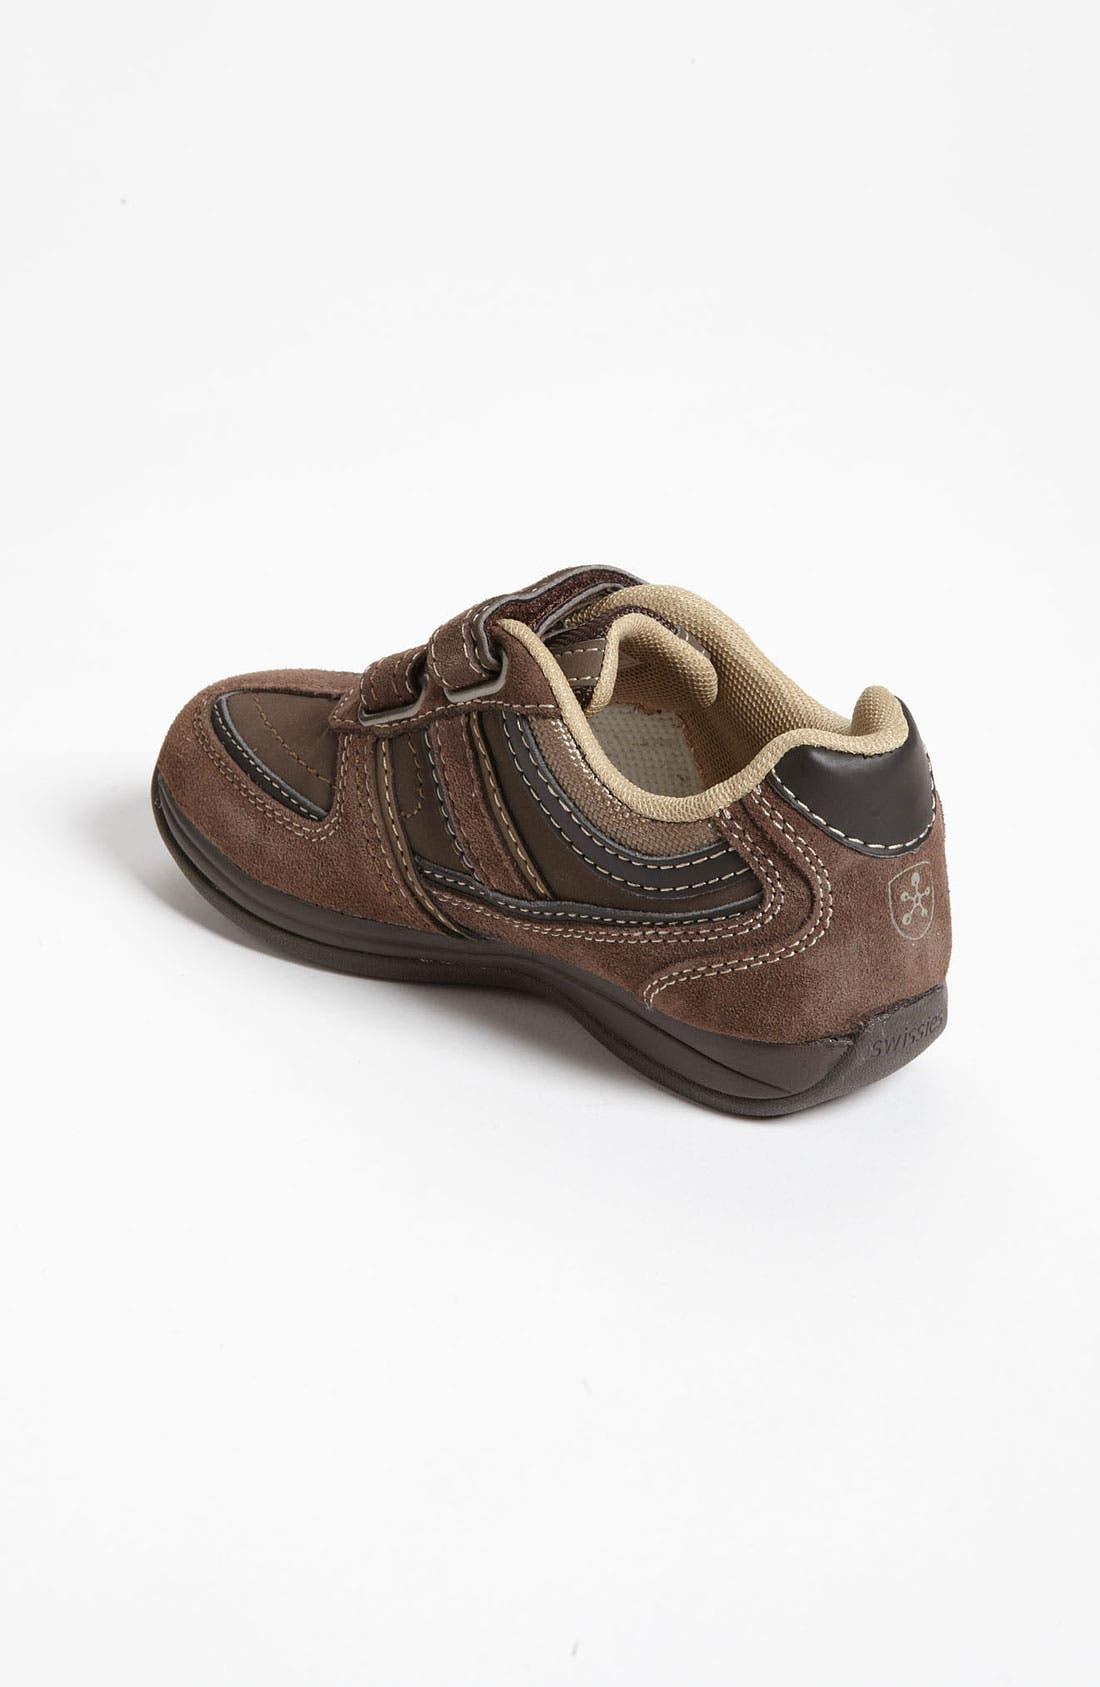 Alternate Image 2  - Swissies 'Derek' Sneaker (Toddler, Little Kid & Big Kid)